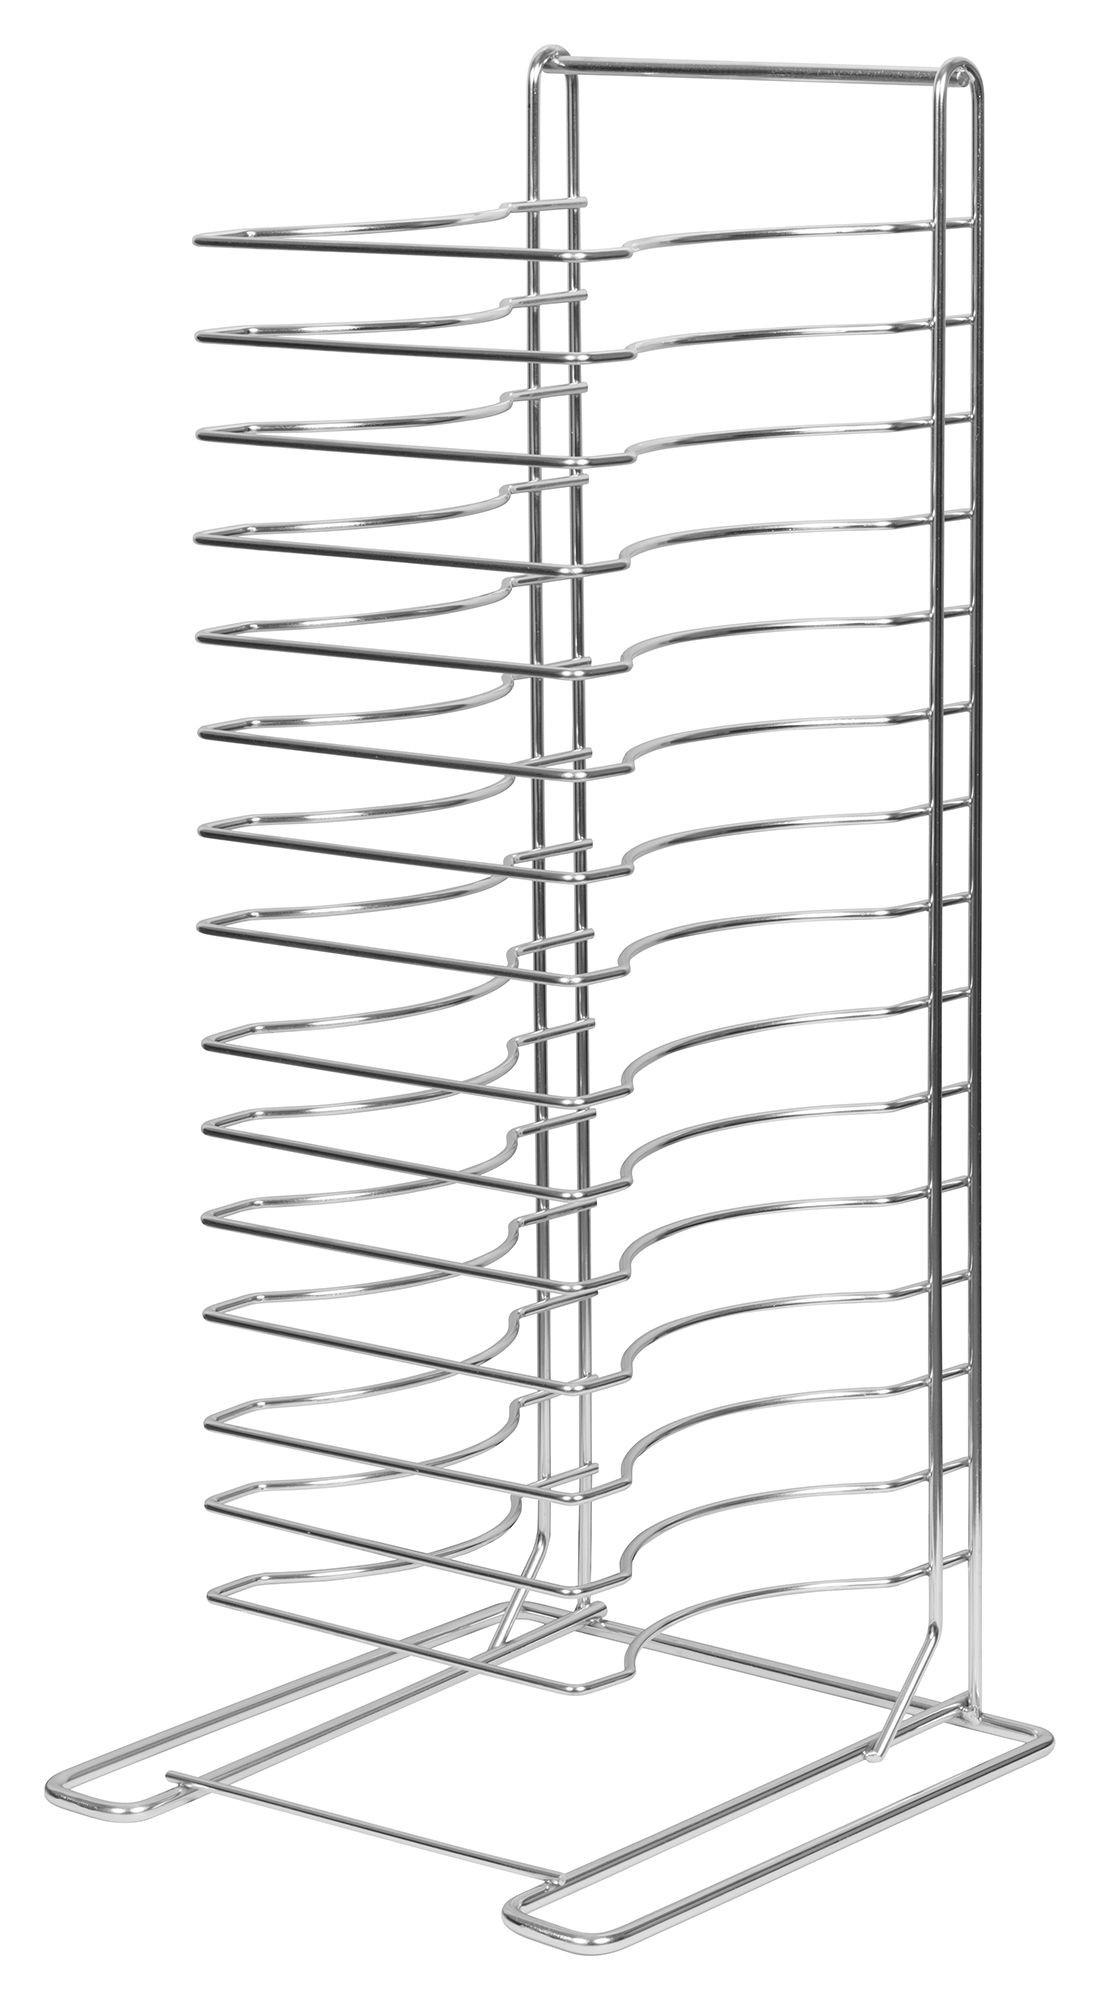 15-Slot Pizza Tray Rack